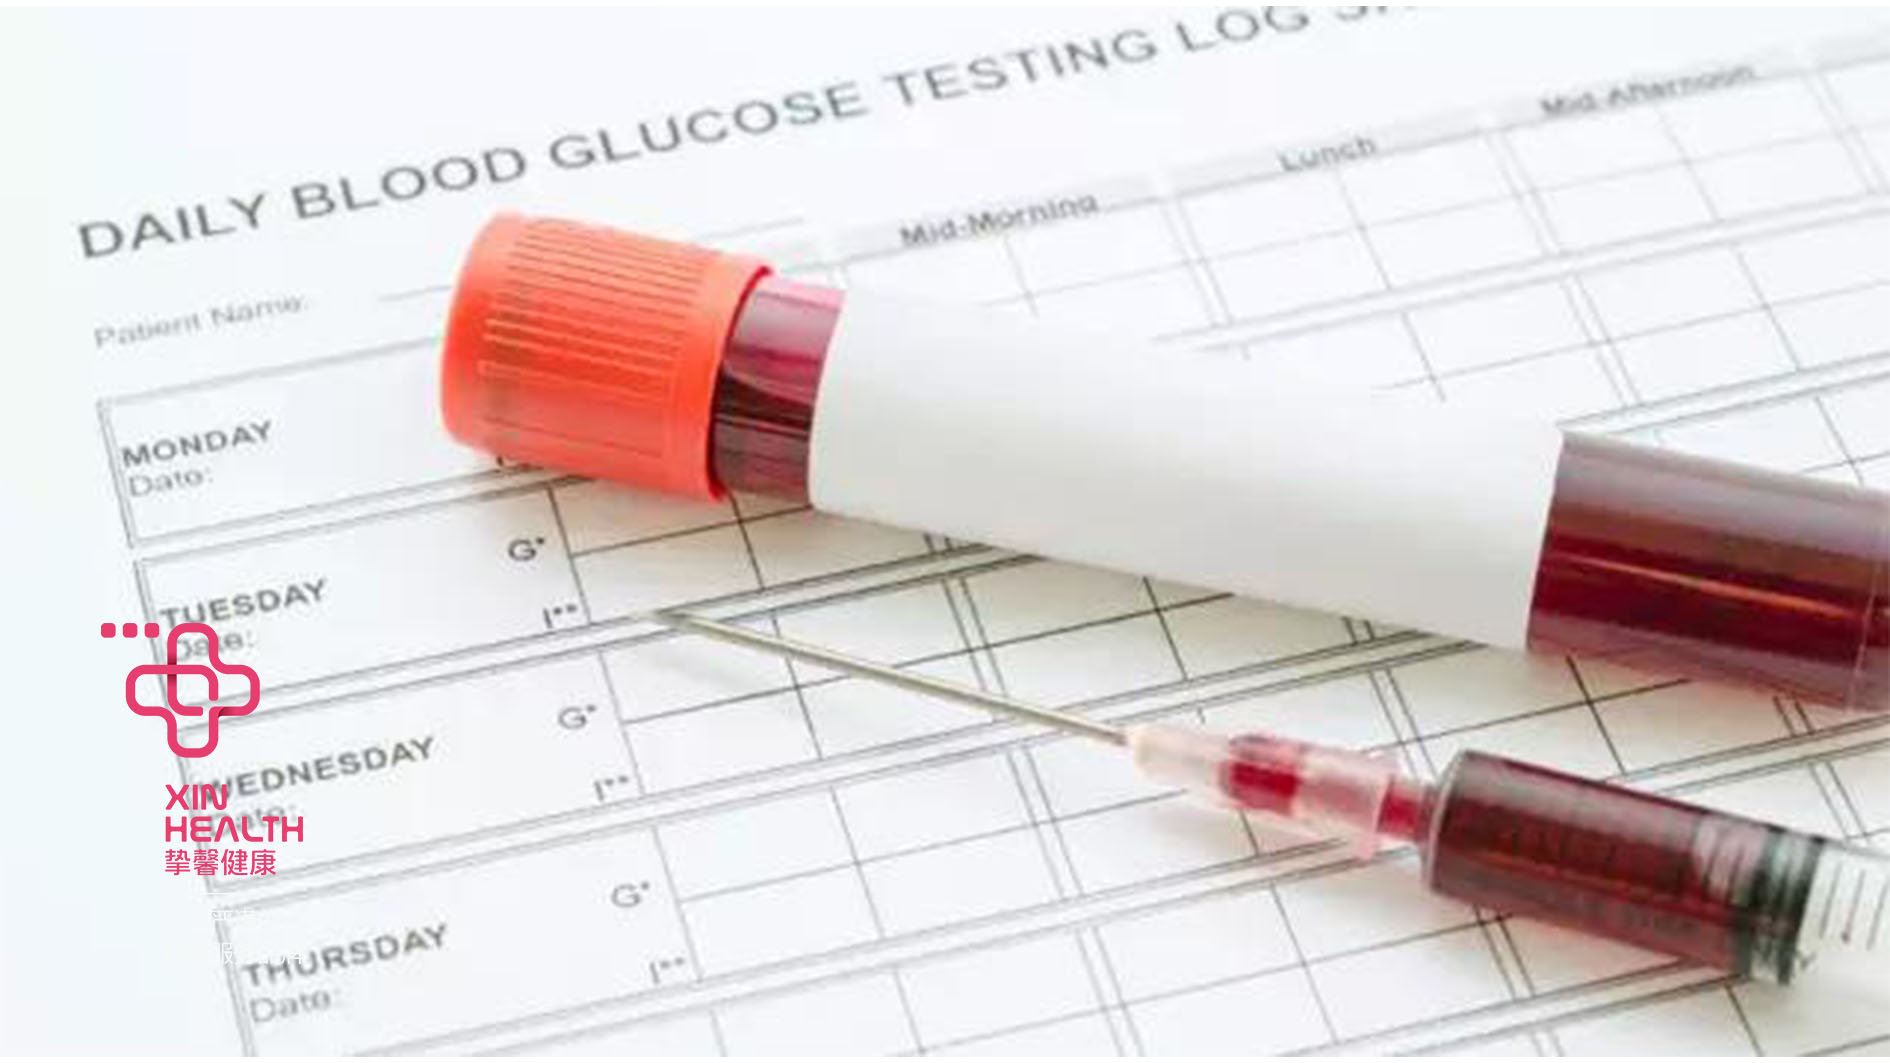 血液检查是糖尿病较为常见的检查之一